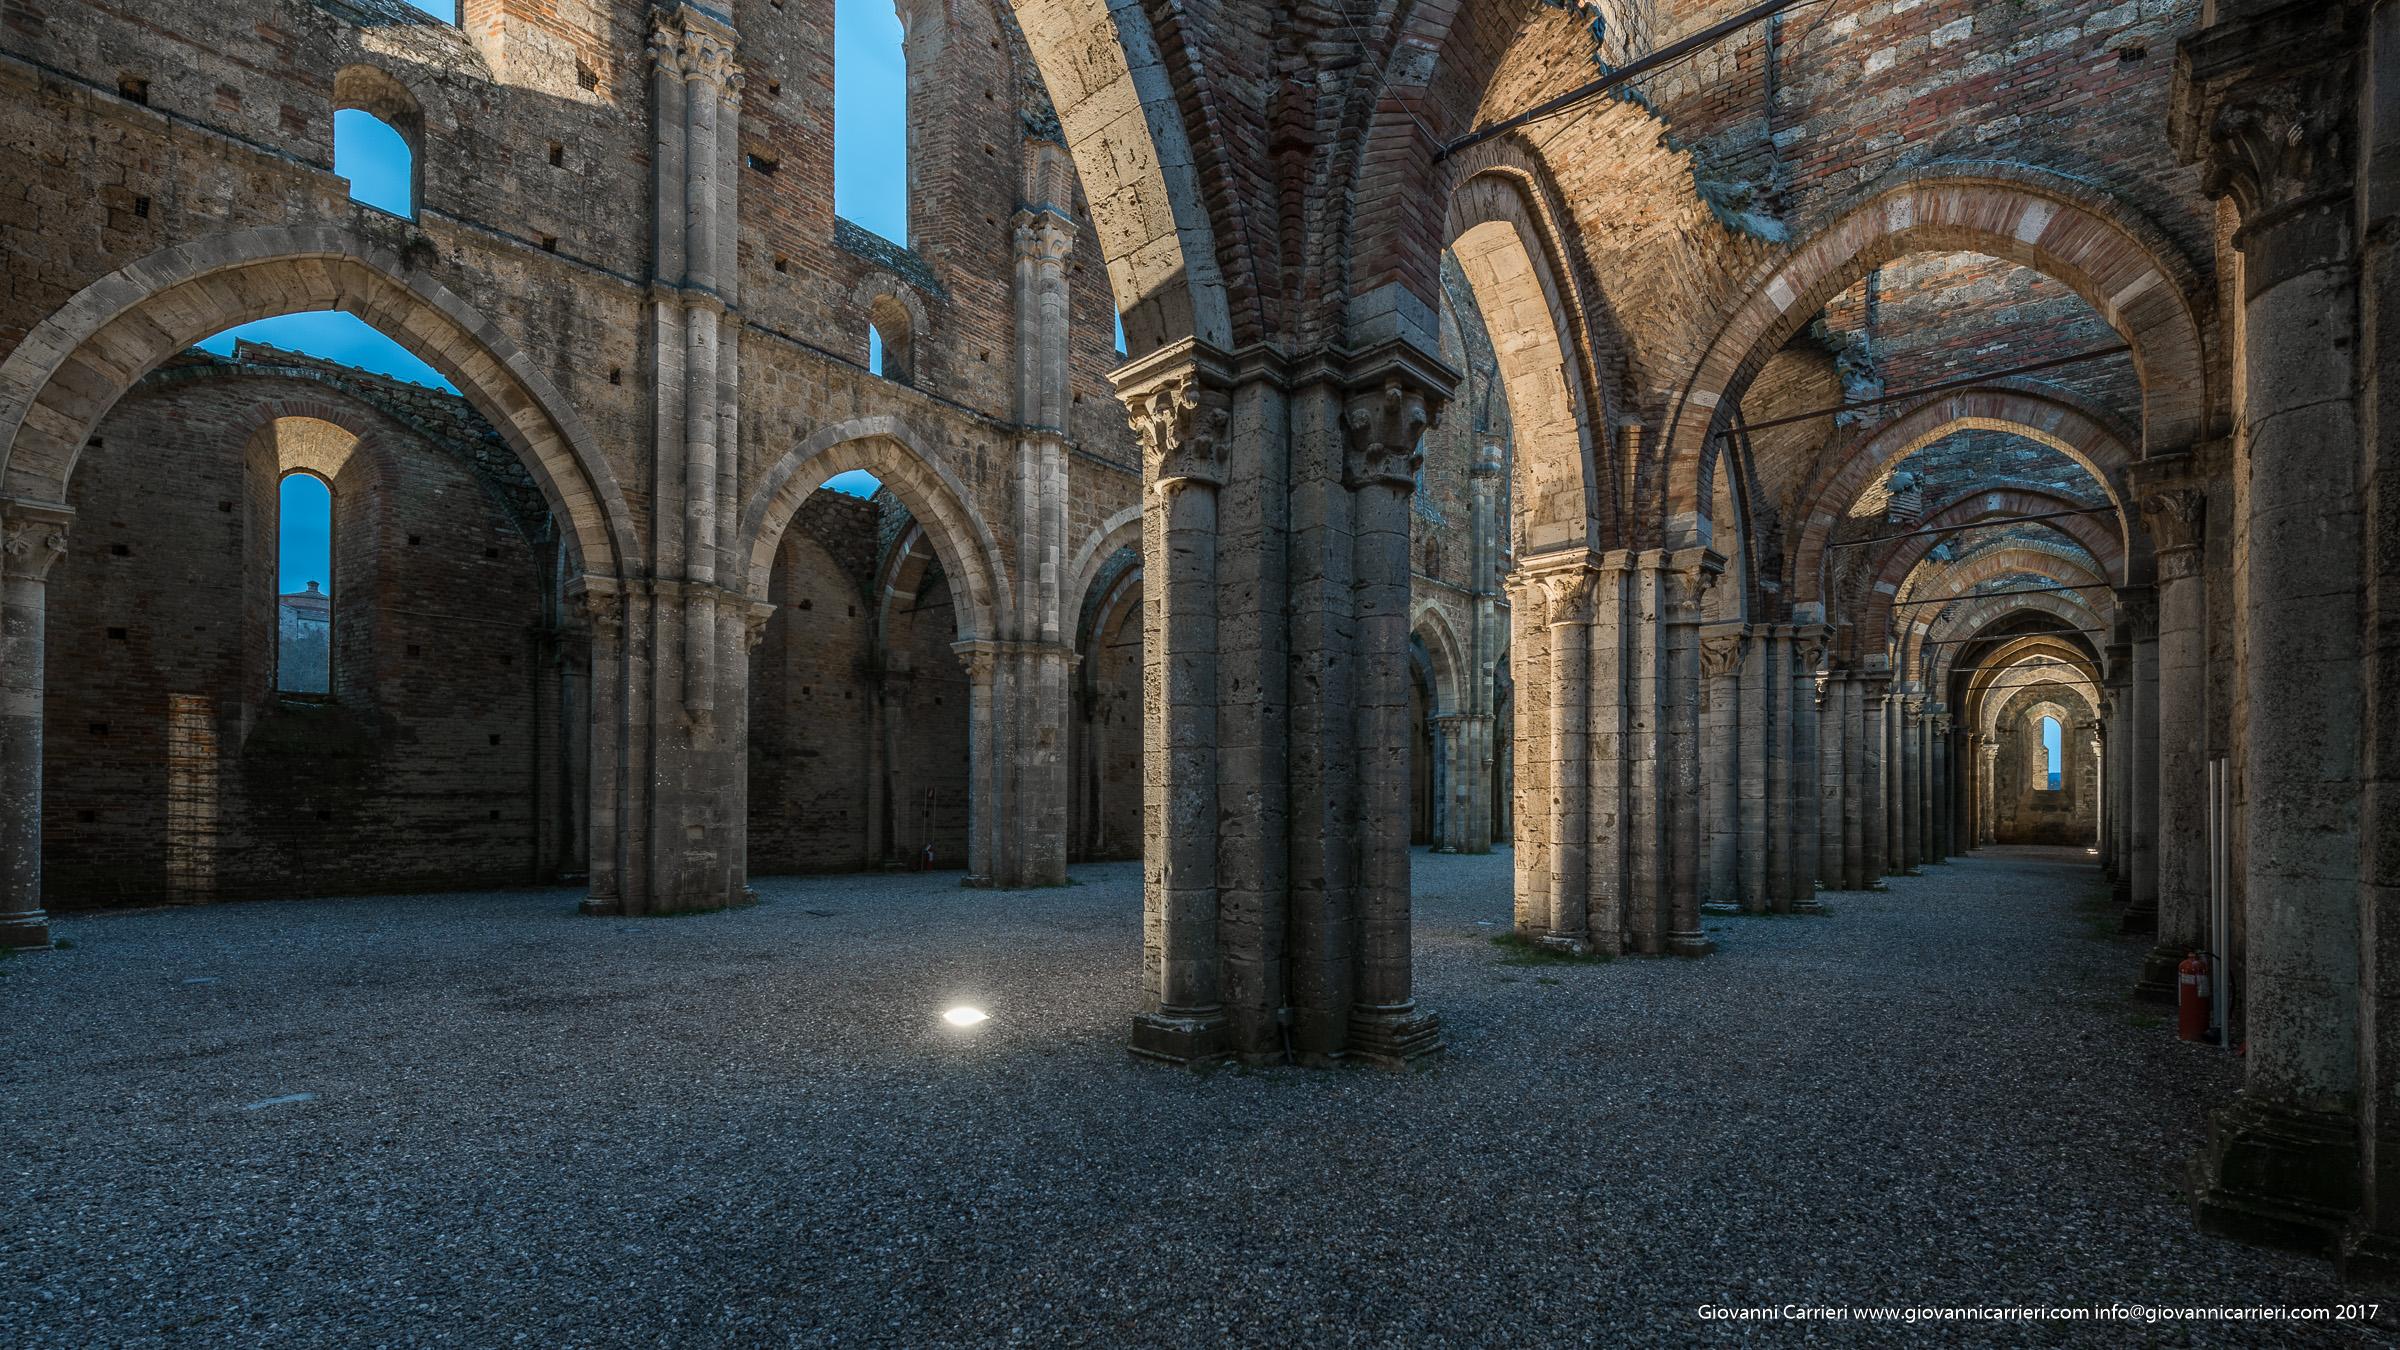 San Galgano, particolare delle colonne all'interno dell'abbazia